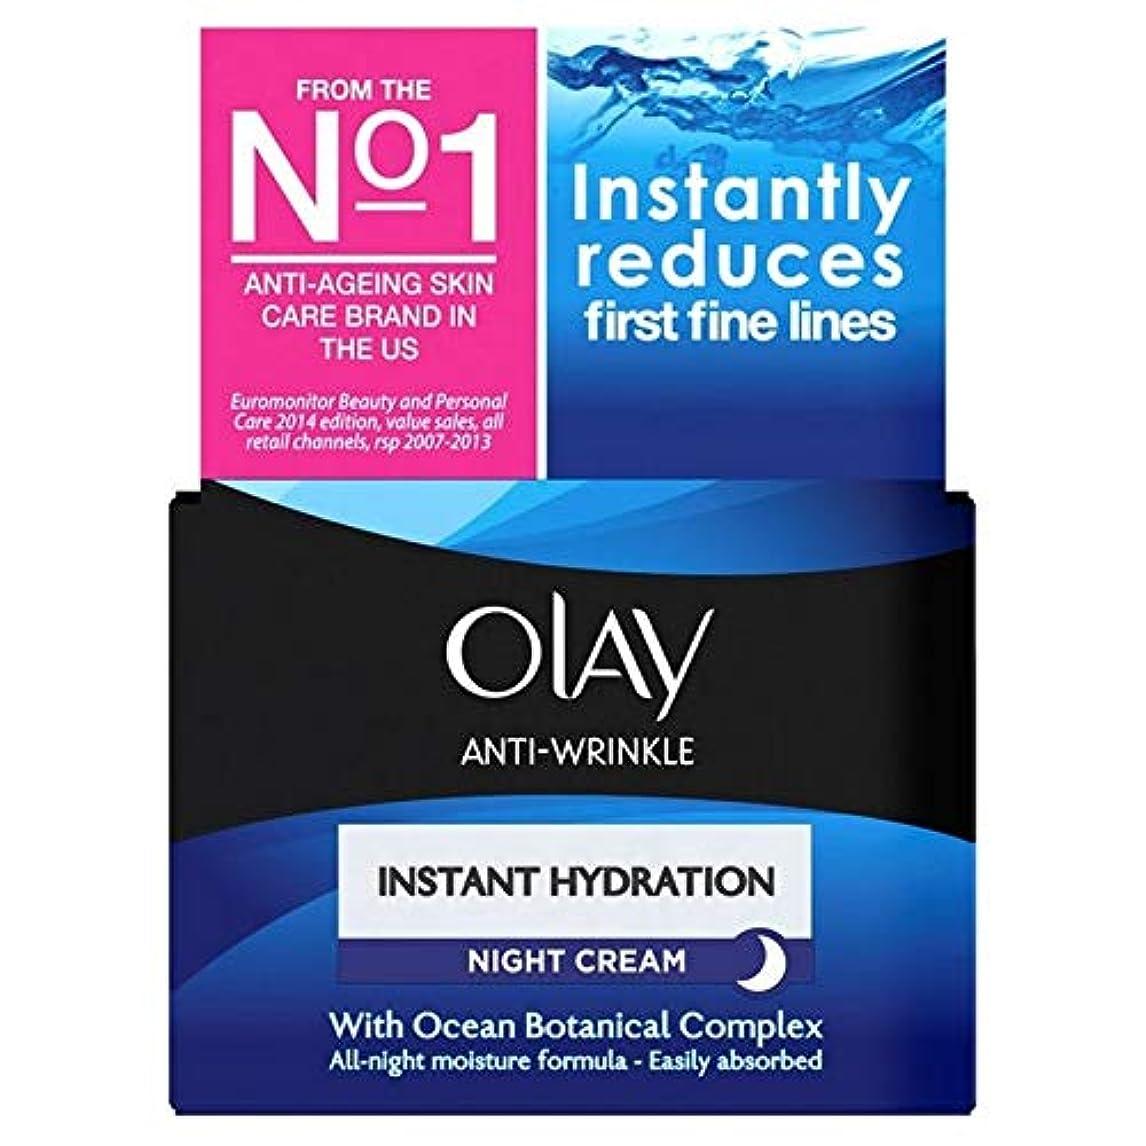 唯物論怪しい透けて見える[Olay ] オーレイ抗しわインスタント水和保湿ナイトクリーム50ミリリットル - Olay Anti-Wrinkle Instant Hydration Moisturiser Night Cream 50ml [並行輸入品]